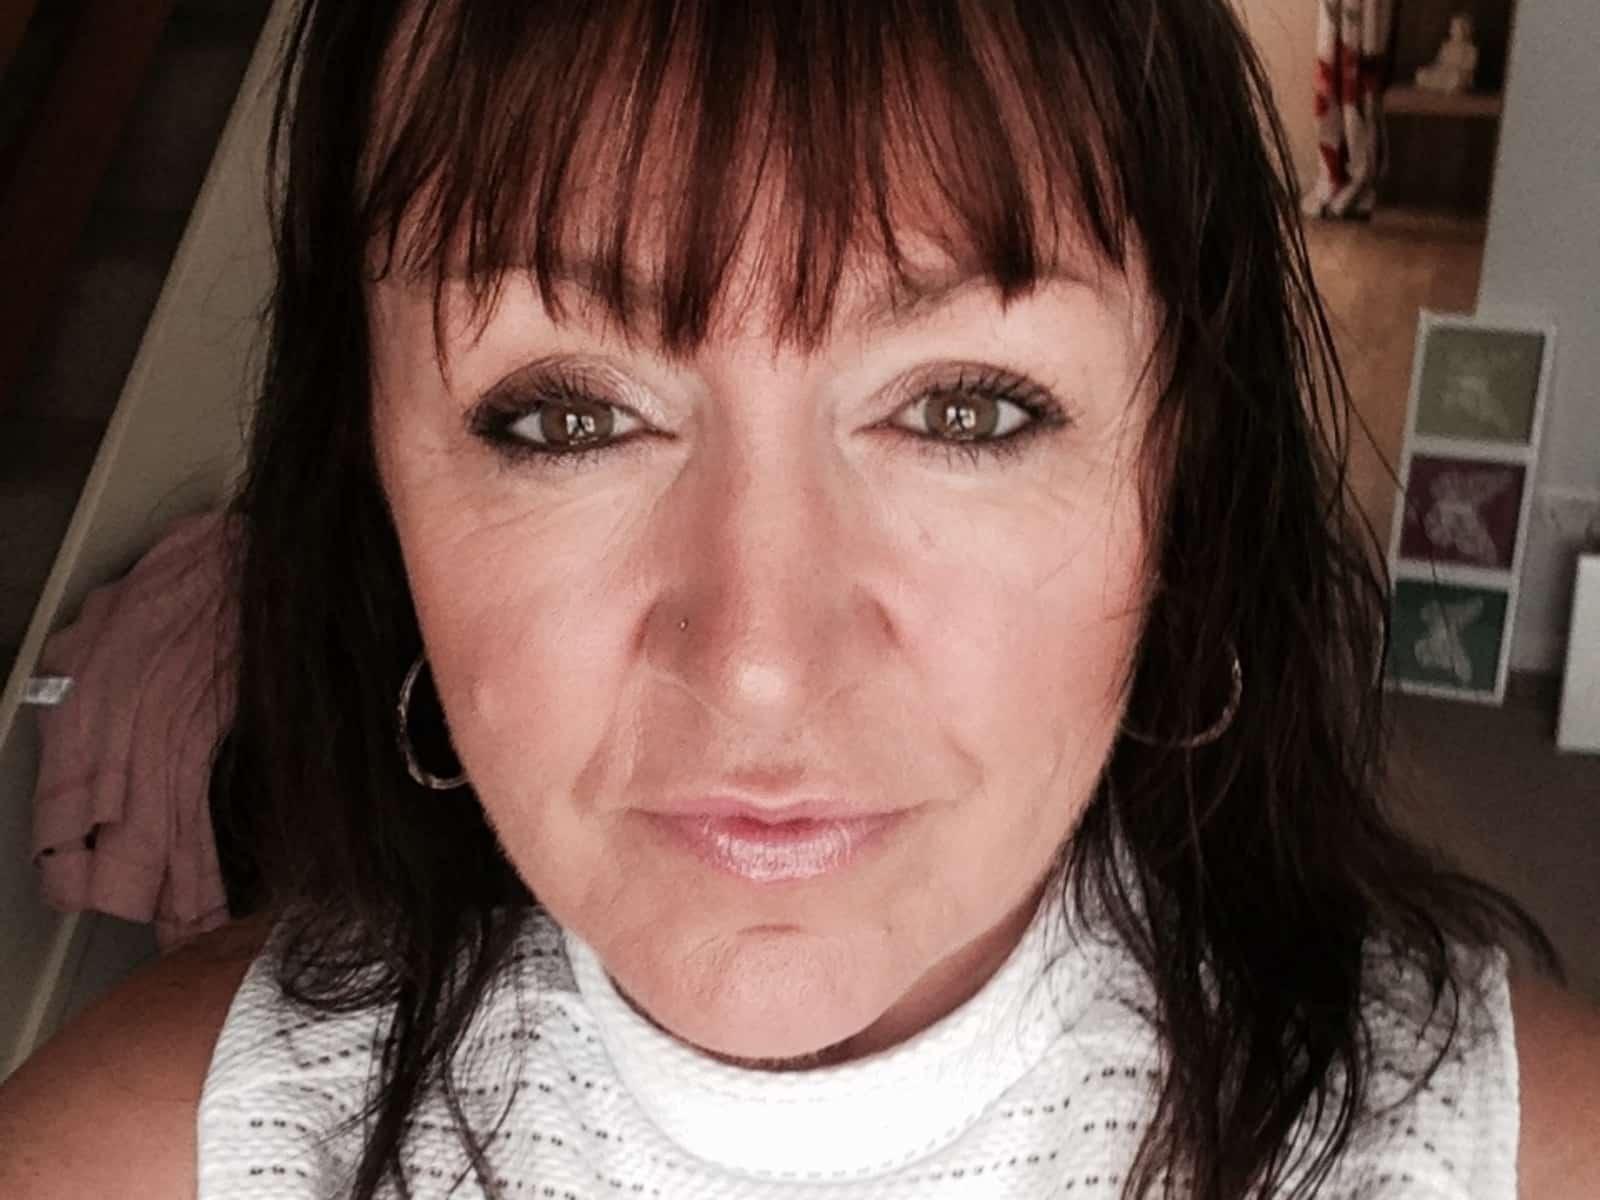 Mandy from Oxford, United Kingdom